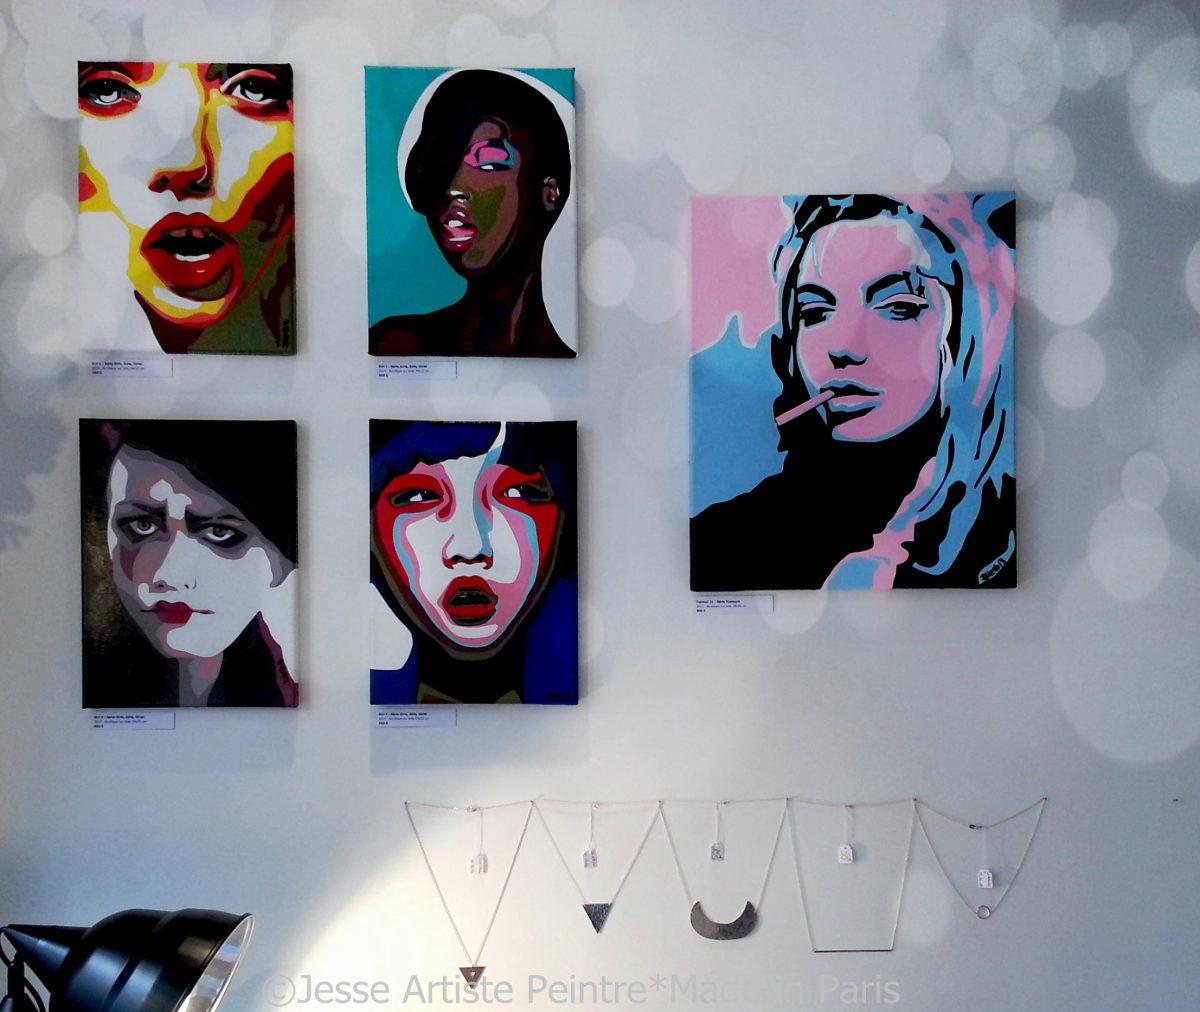 artiste peintre paris, desidero , jesse, artiste, paris, exhibition, exposition